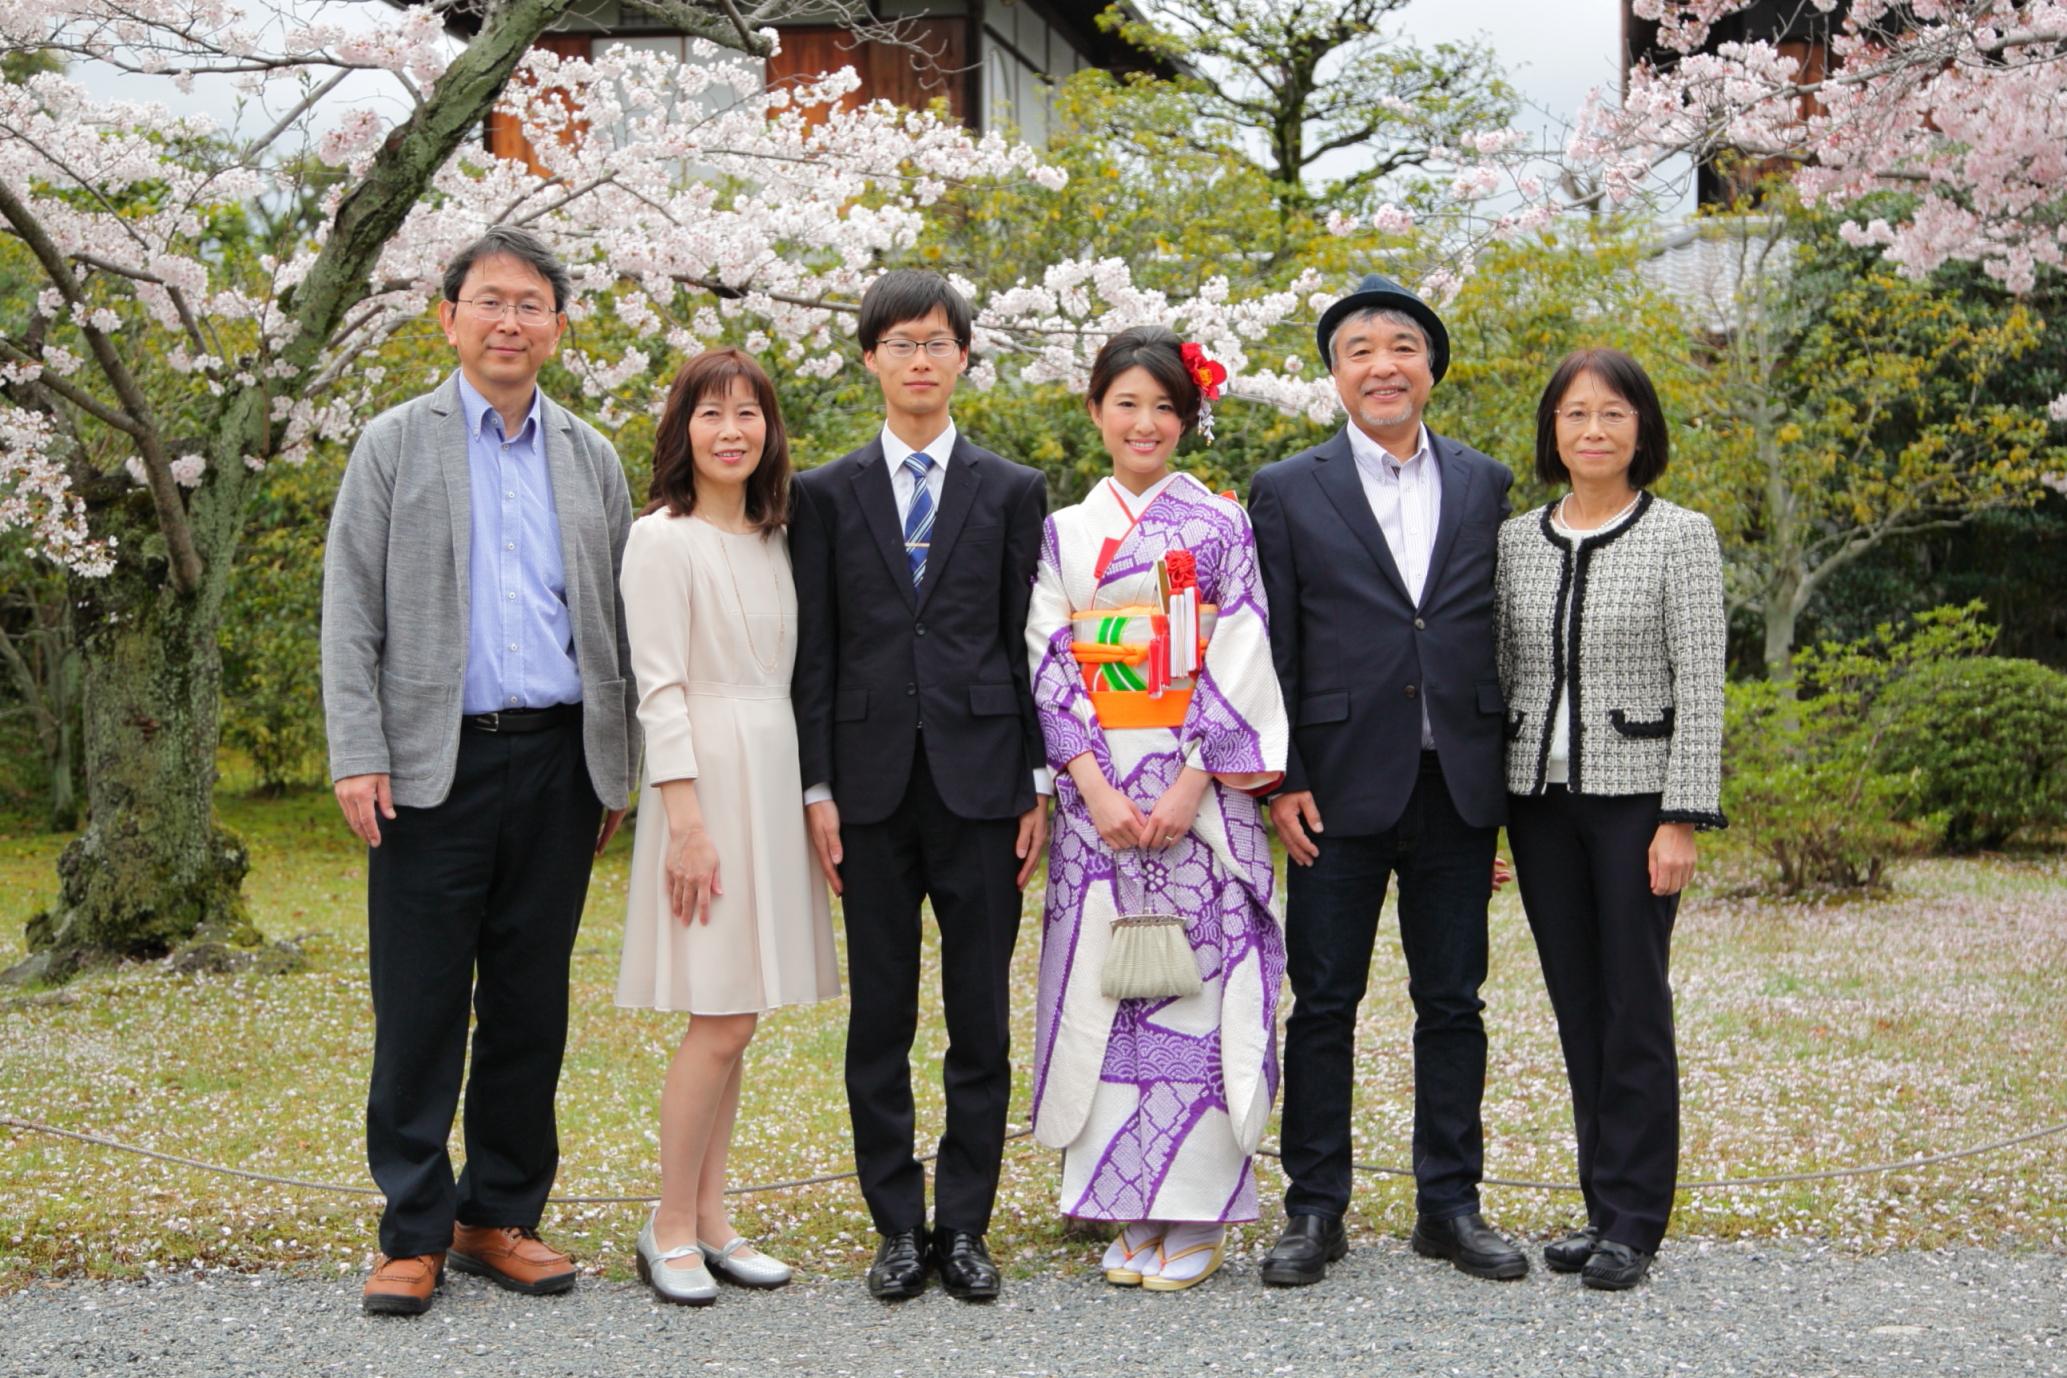 家族写真出張撮影 記念出張撮影 撮影出張サービス京都 出張撮影あおぞら